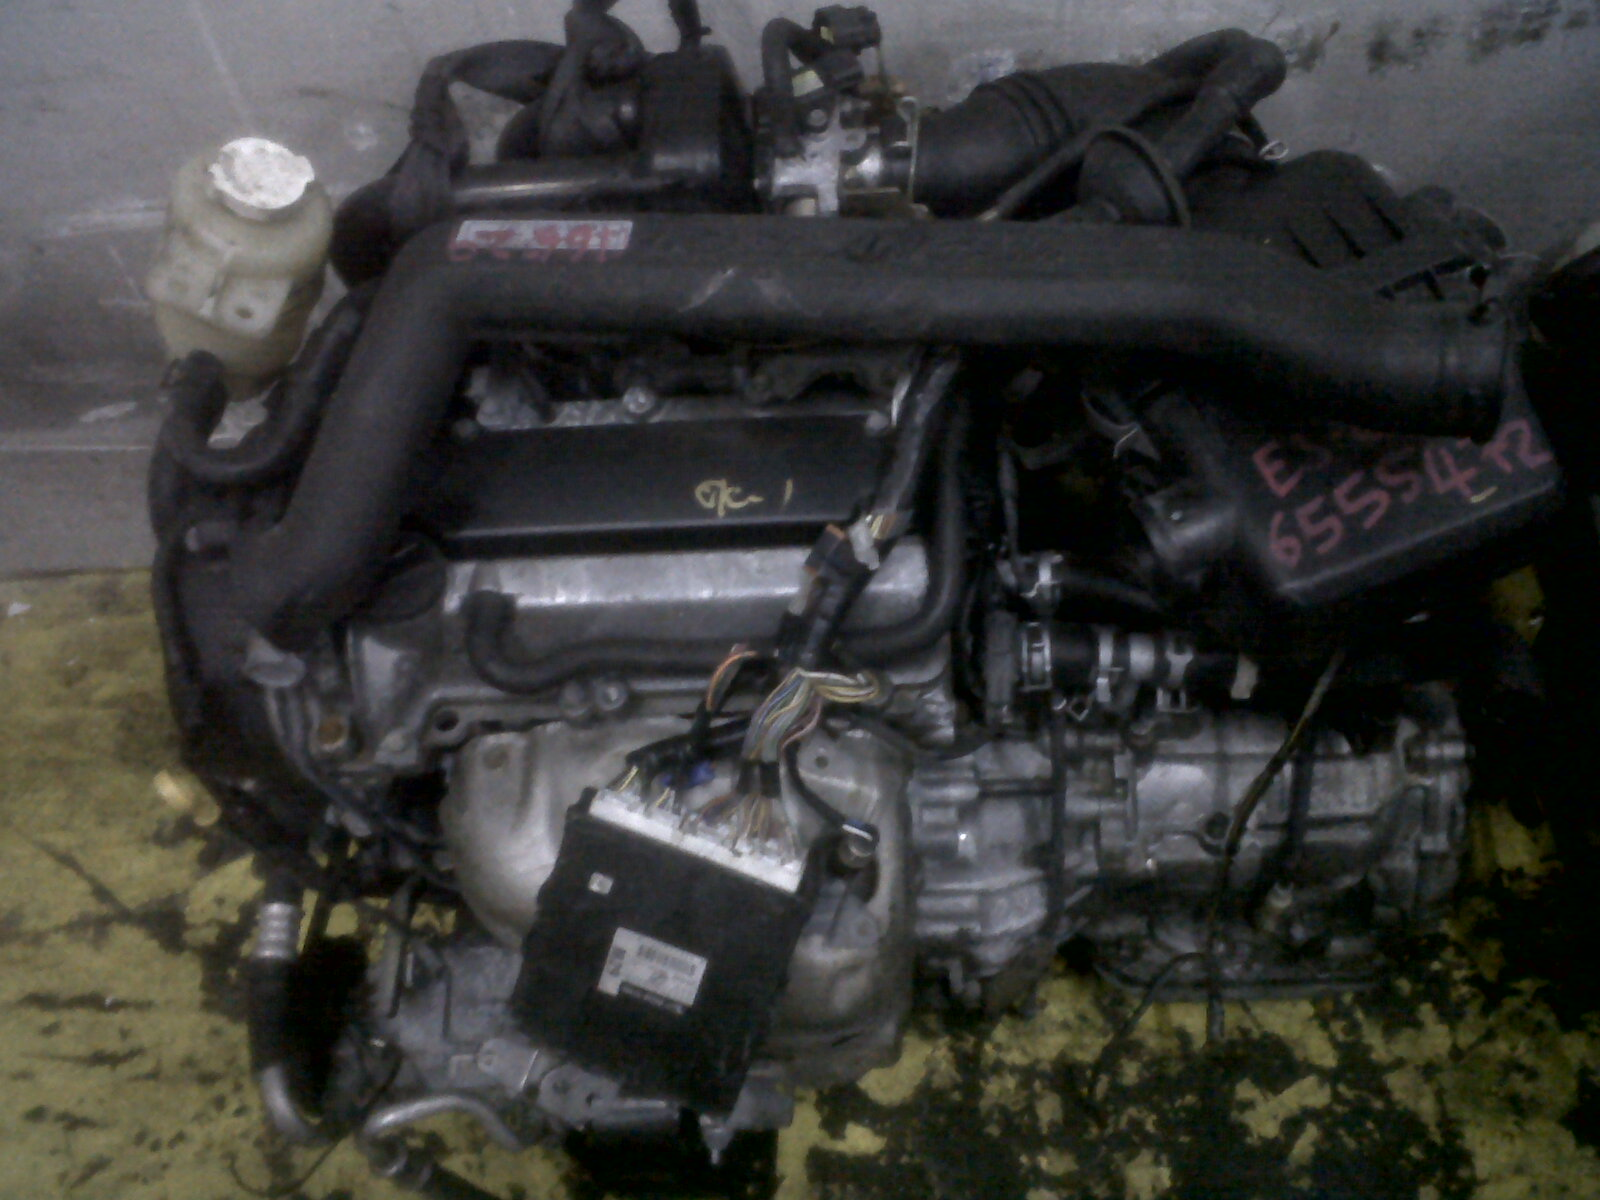 hight resolution of wiring kelisa wiring image wiring diagram yik autoparts performance kenari kelisa 1000cc engine gear box on